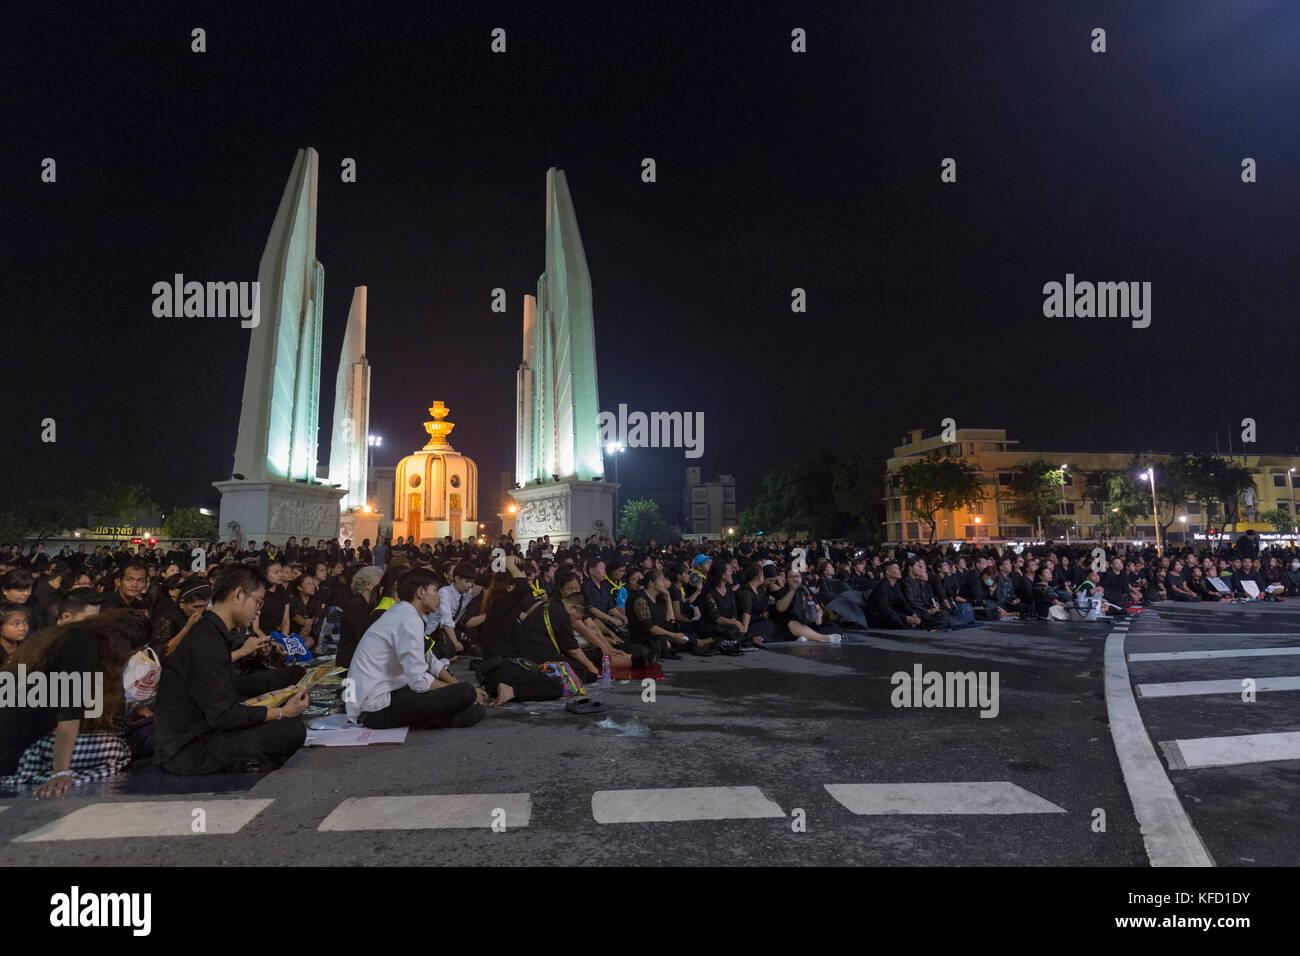 Bangkok, Thaïlande - 26 octobre: deuil non identifiés en noir s'asseoir et regarder les activités royales pour la crémation de Rama 9, l'ex-roi à côté de Banque D'Images